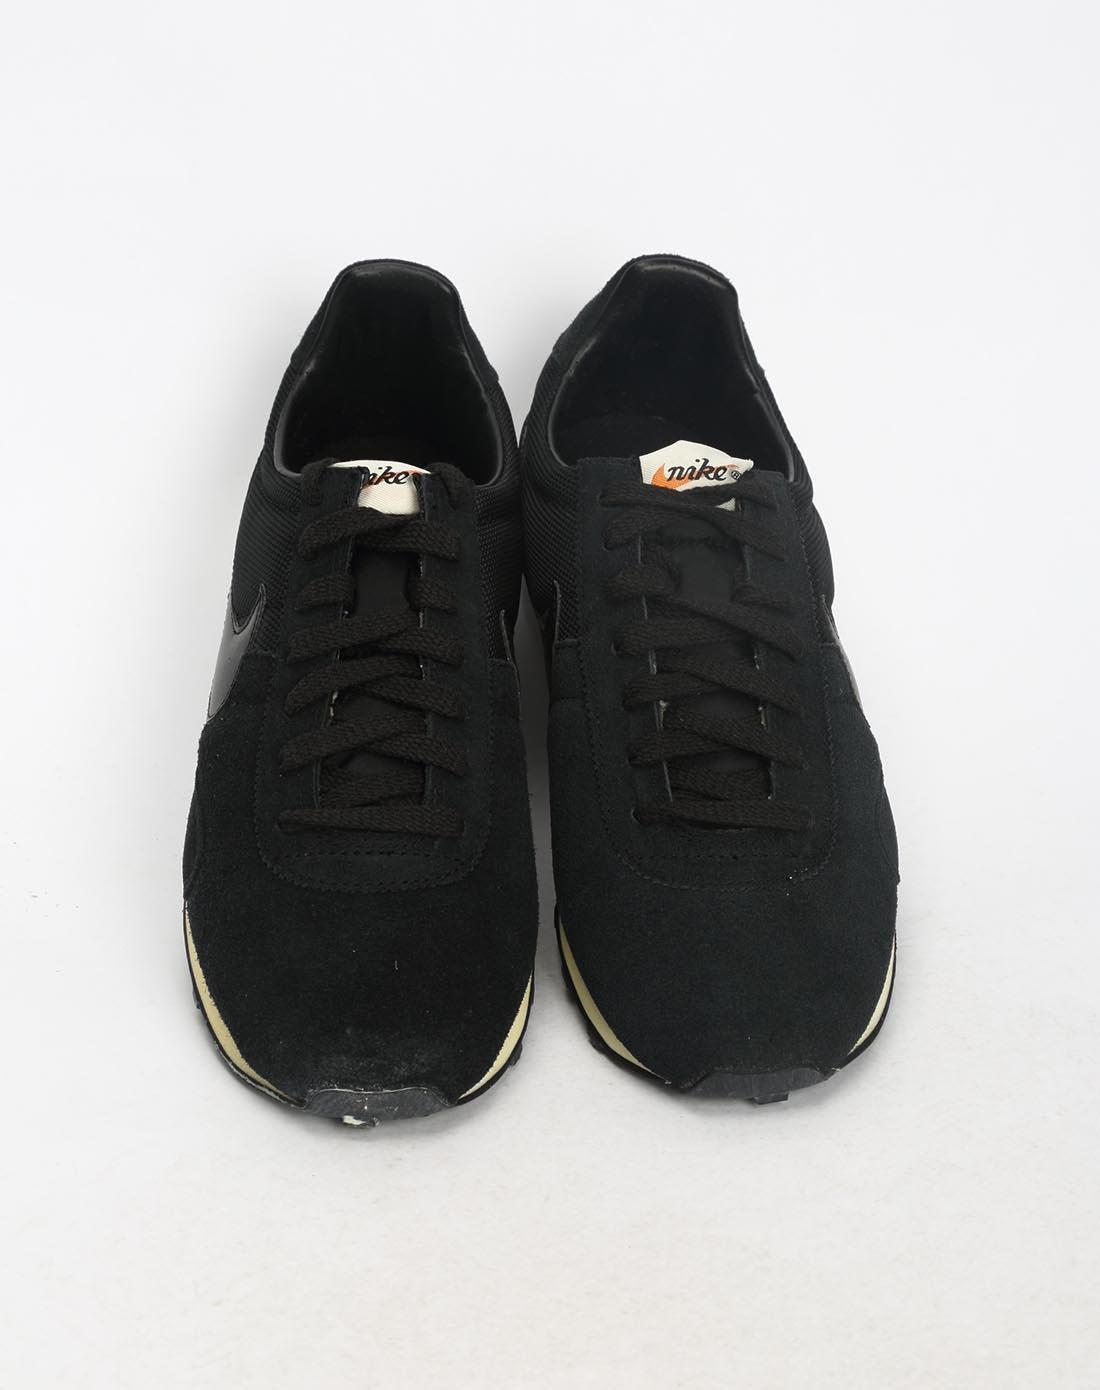 耐克nike男子黑色复古鞋506192-010